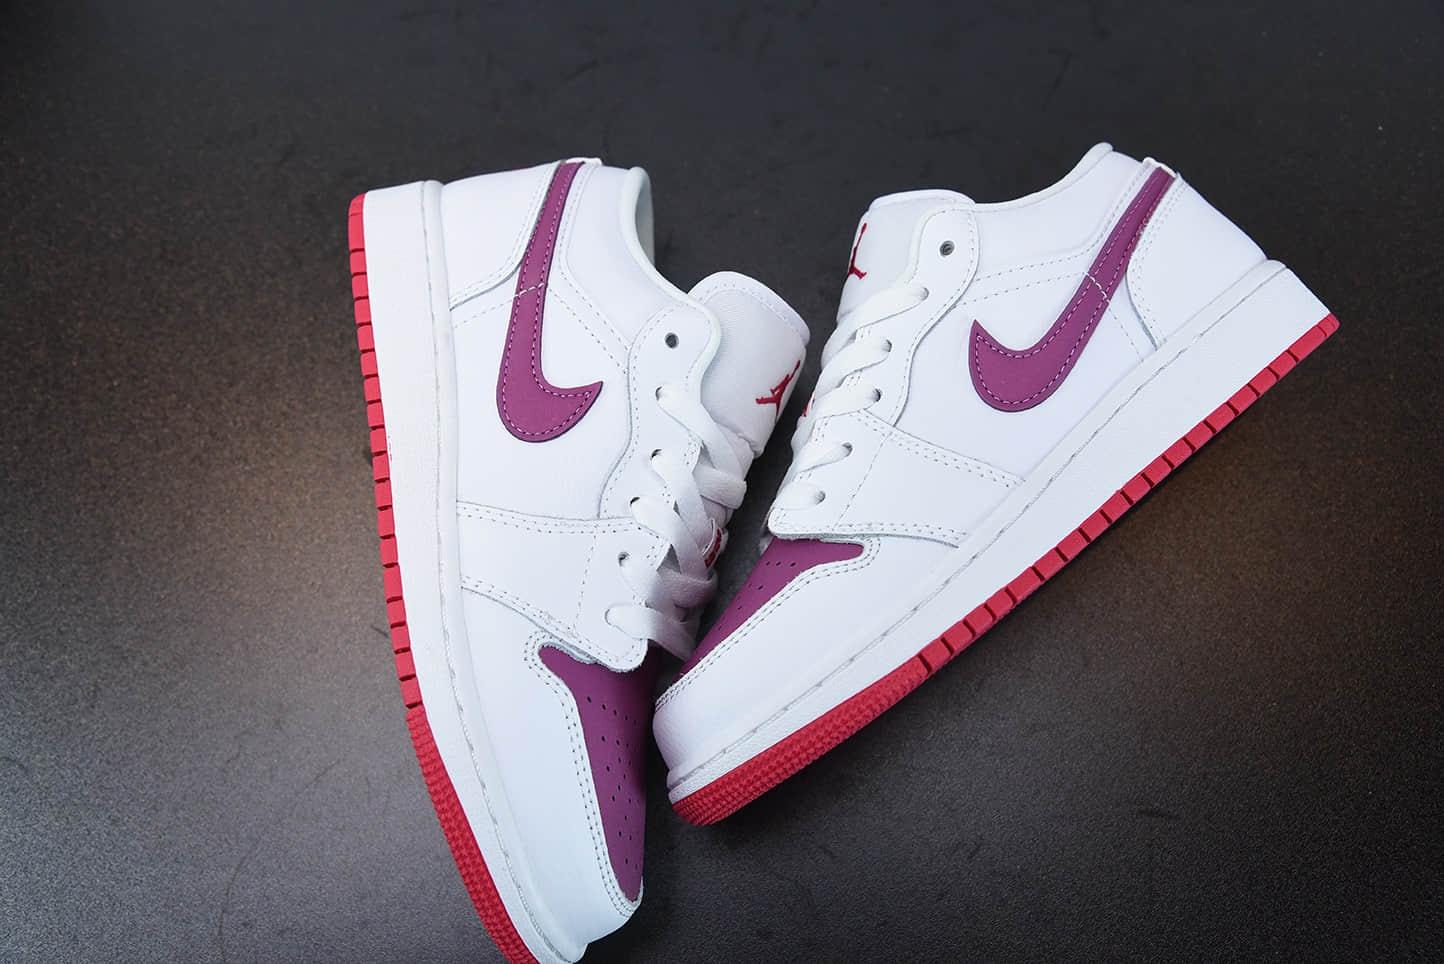 乔丹Air Jordan 1 Low GS AJ1情人节女子白粉紫低帮休闲鞋纯原版本 货号:554723-161